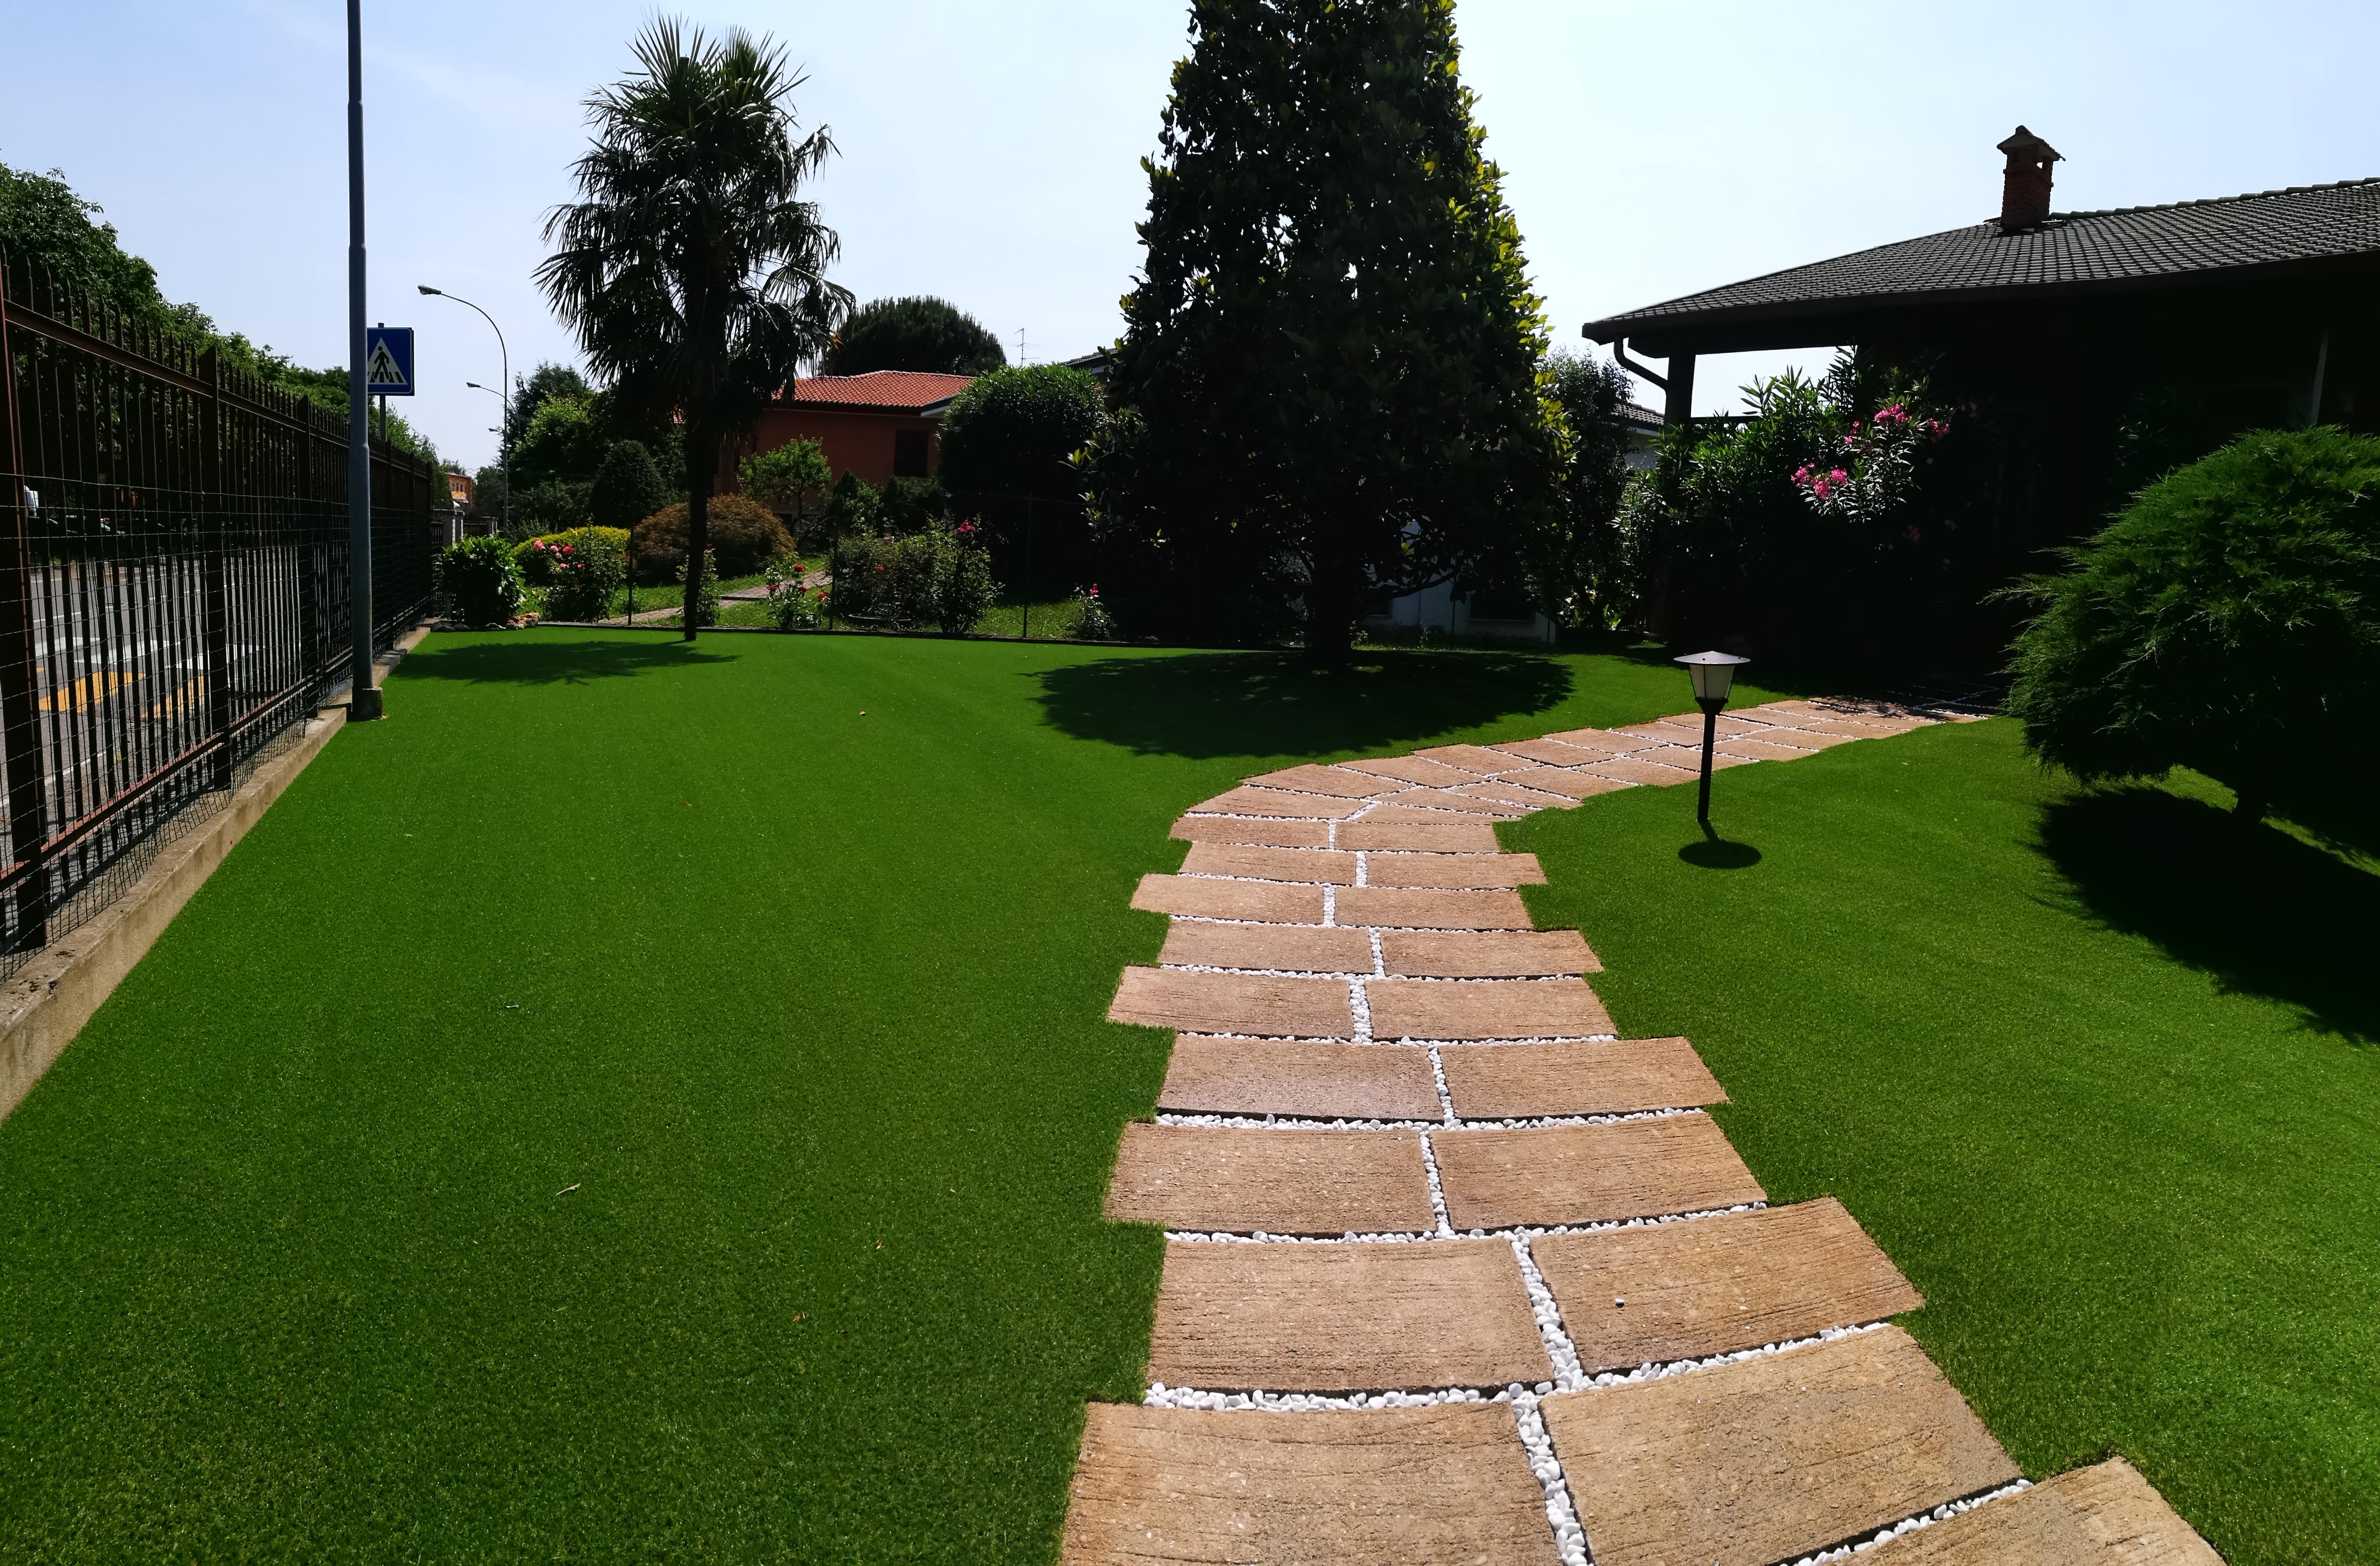 L 39 erba sintetica per arredare con originalit il tuo giardino for Arredo urbano in inglese